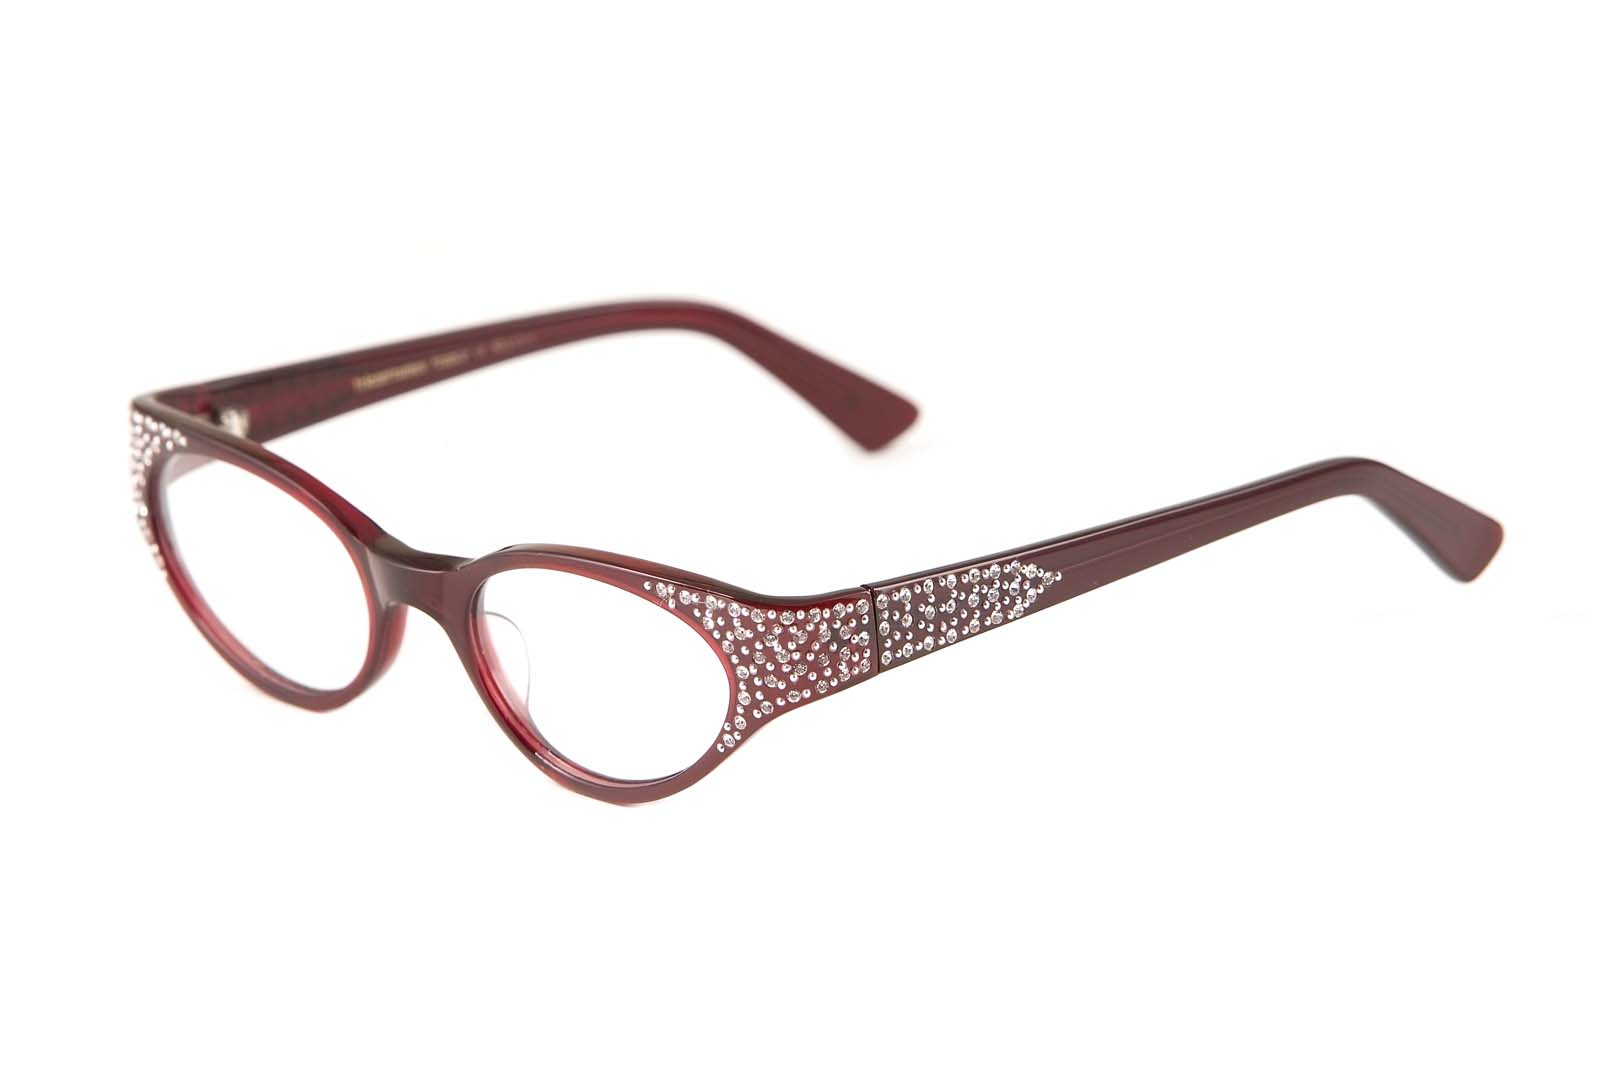 fff1bb26a50 Old Fashioned Hard Candy Eyeglass Frames Elaboration - Frames Ideas ...